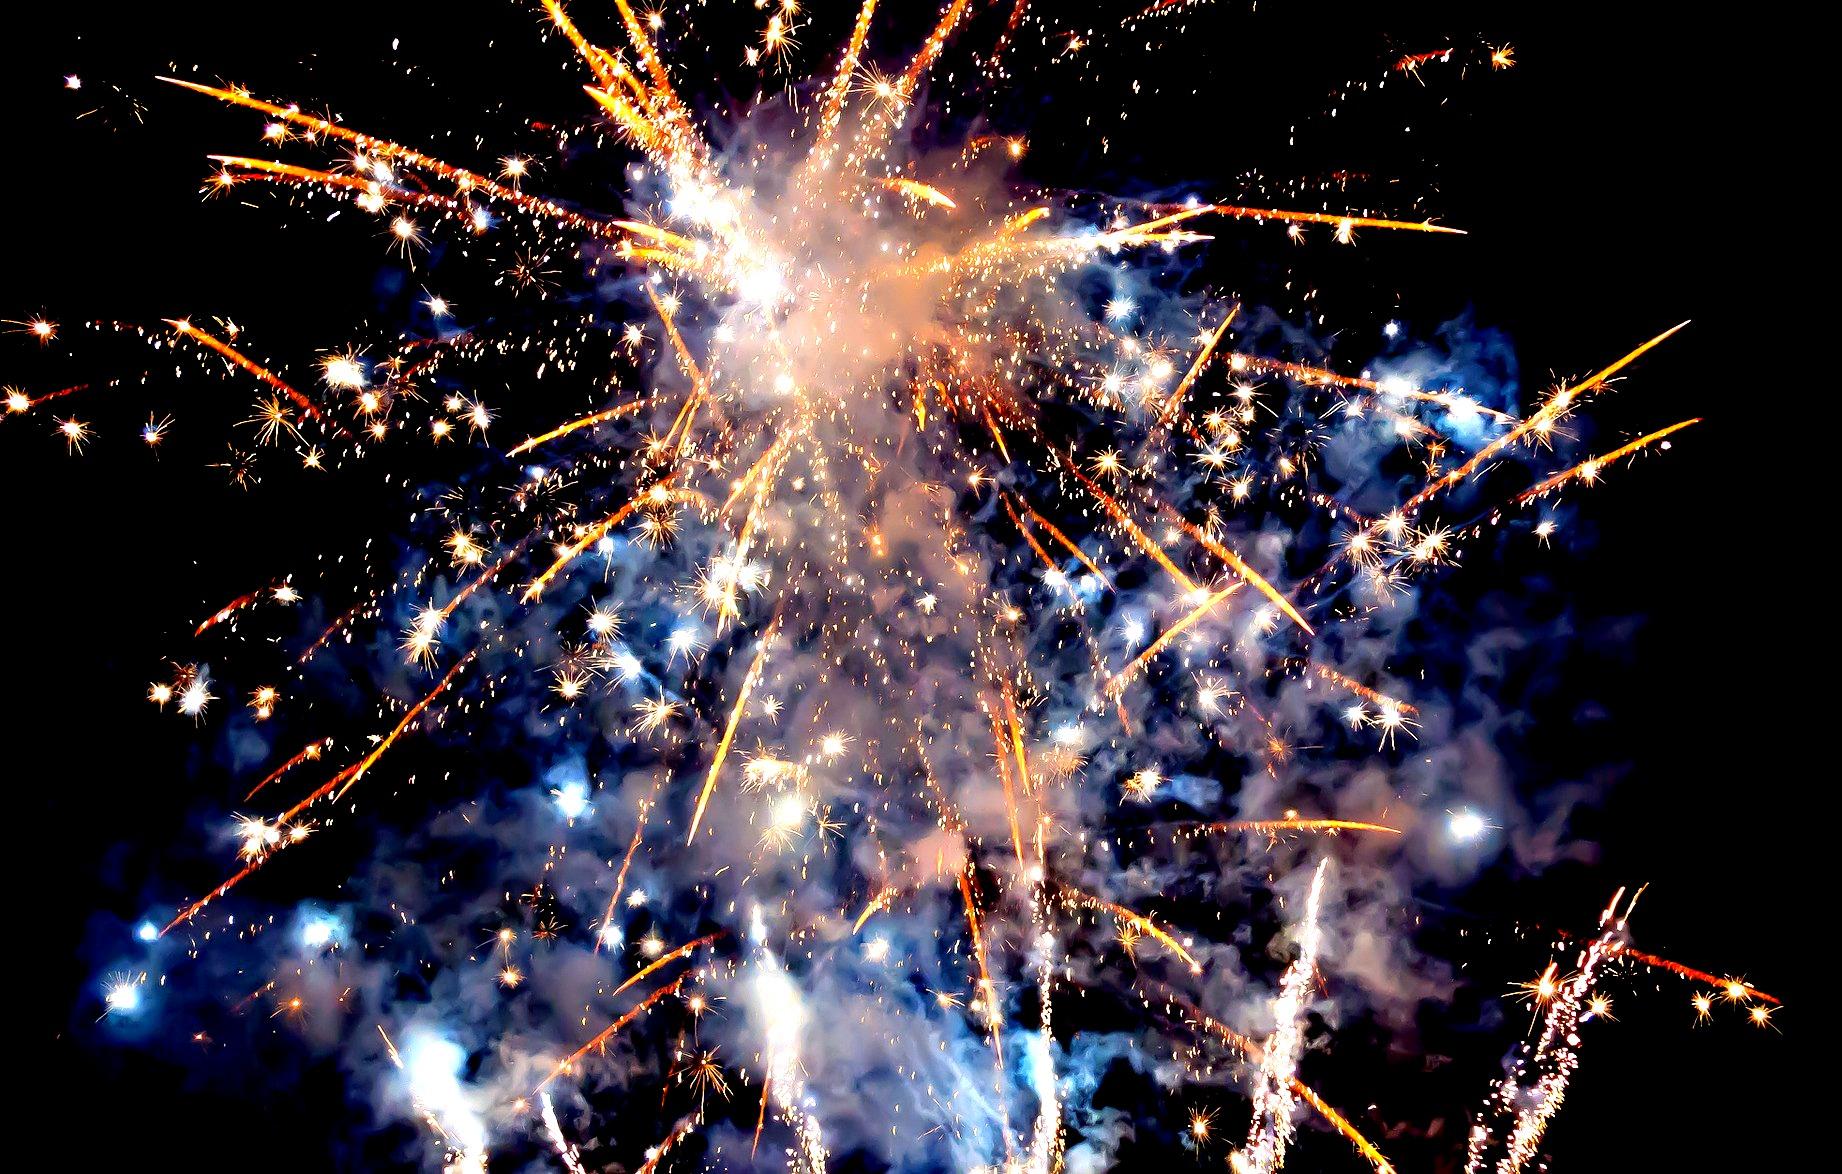 Tak Sanok powitał Nowy Rok [FOTO+VIDEO] - Zdjęcie główne